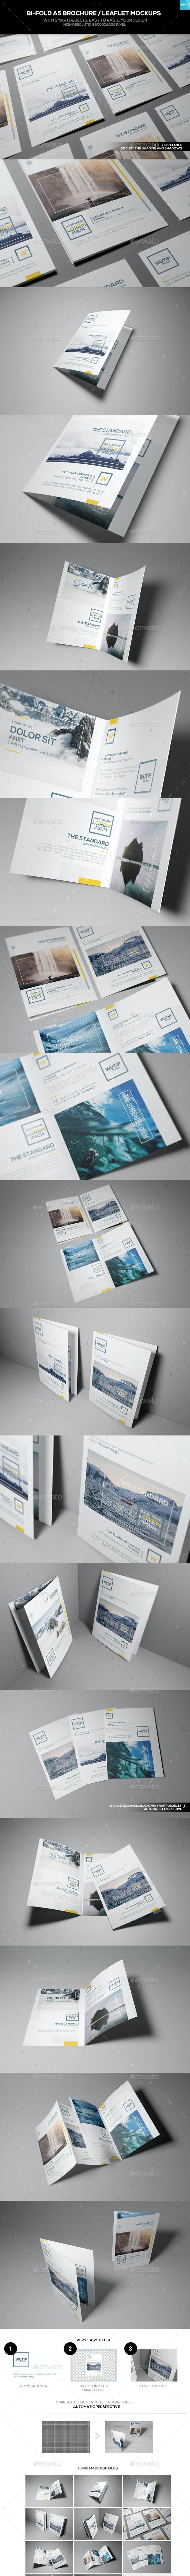 Bi-Fold A5 Brochure/ Leaflet Mockups - Brochures Print